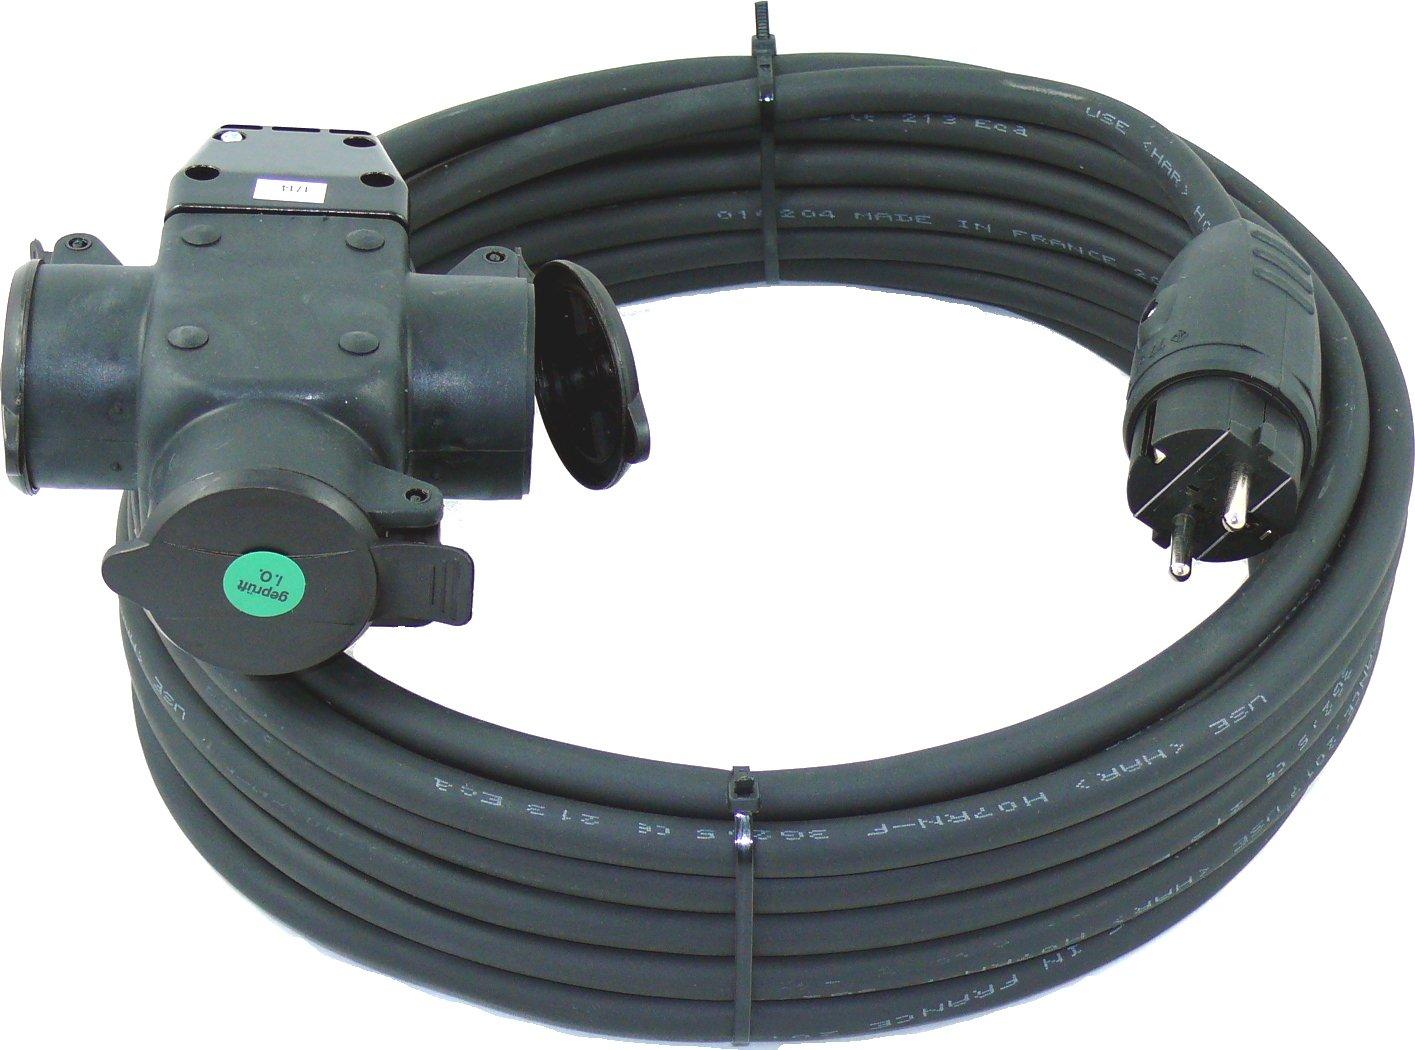 netbote24® Schuko-Verlängerungskabel mit 3-Fach Kupplung H07RN-F 3x2, 5 mm² (IP44 - Außenbereich) AC 230V/16A 5-50m (5m) maxgo